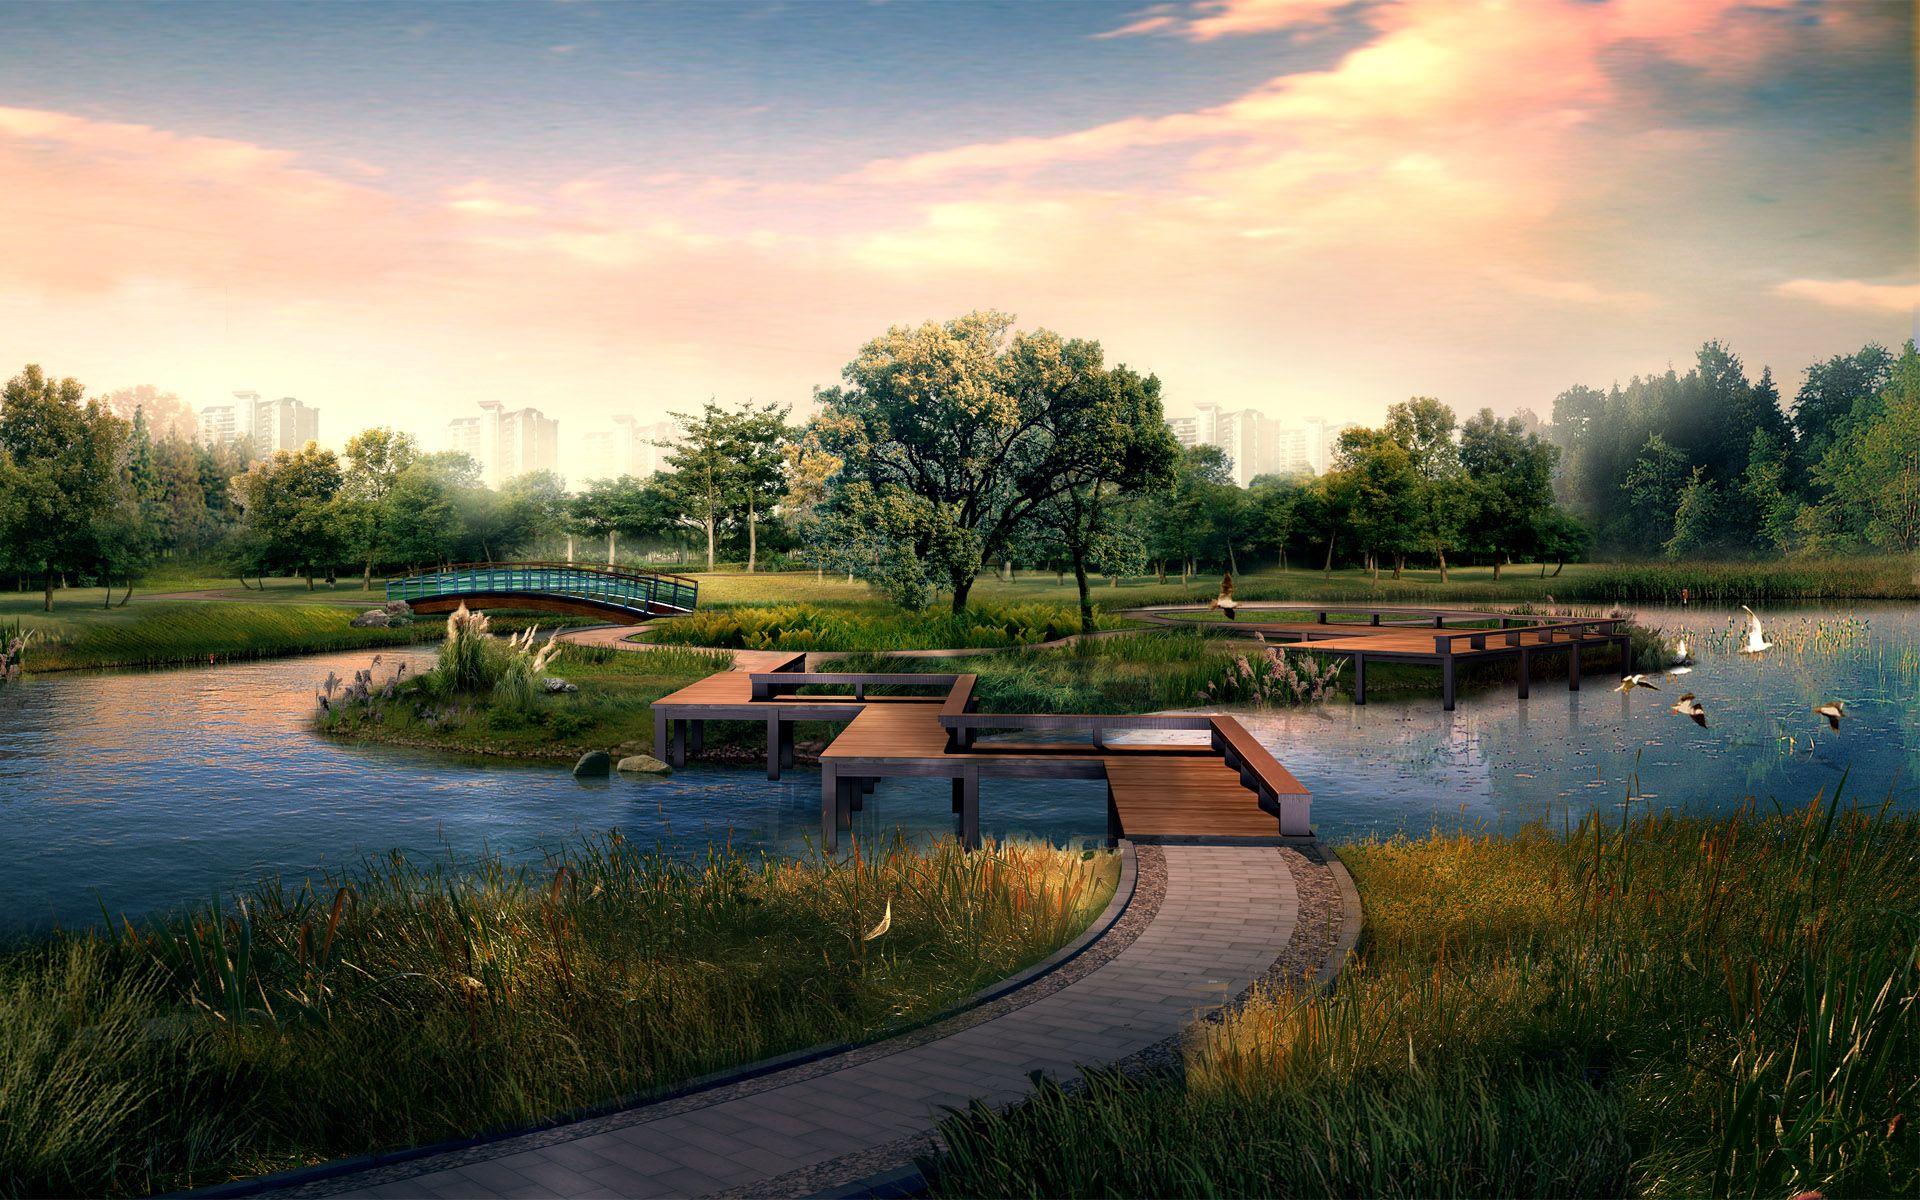 Fond D Ecran Hd Paysage Zen Paysage Zen Paysage Jardin Japonais Japon Paysage